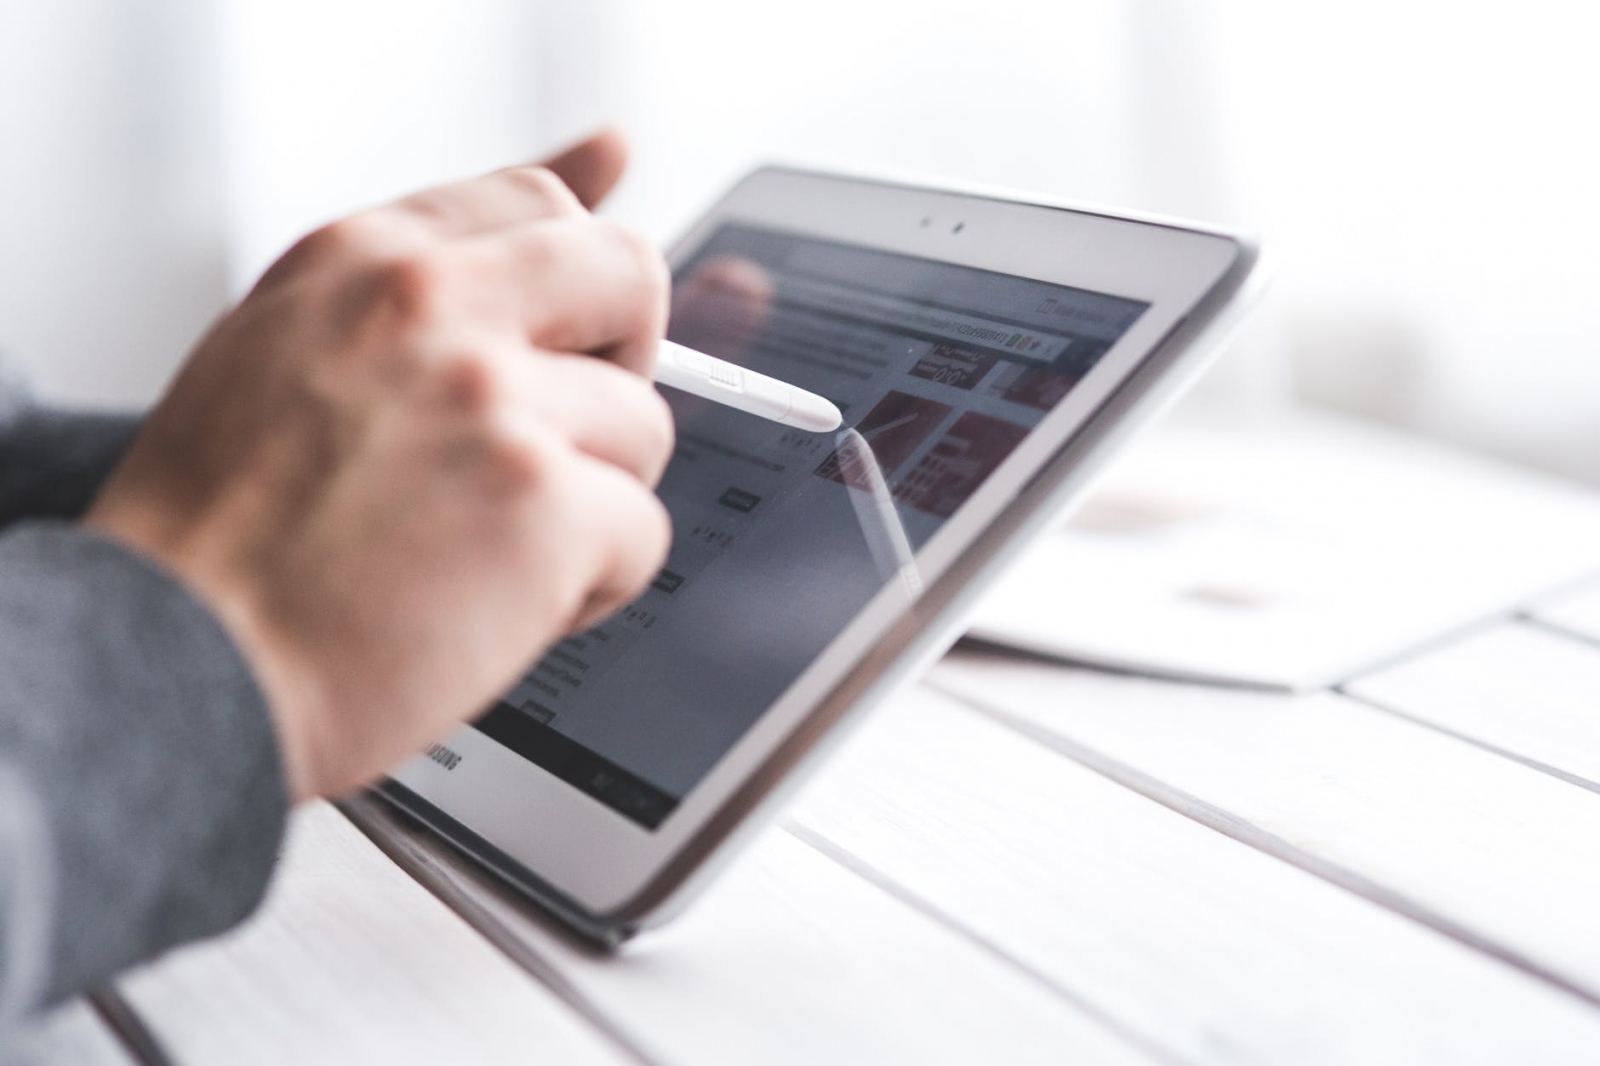 【快訊】大還要更大!《彭博》爆料蘋果不滿足12.9吋 將推更大螢幕iPad